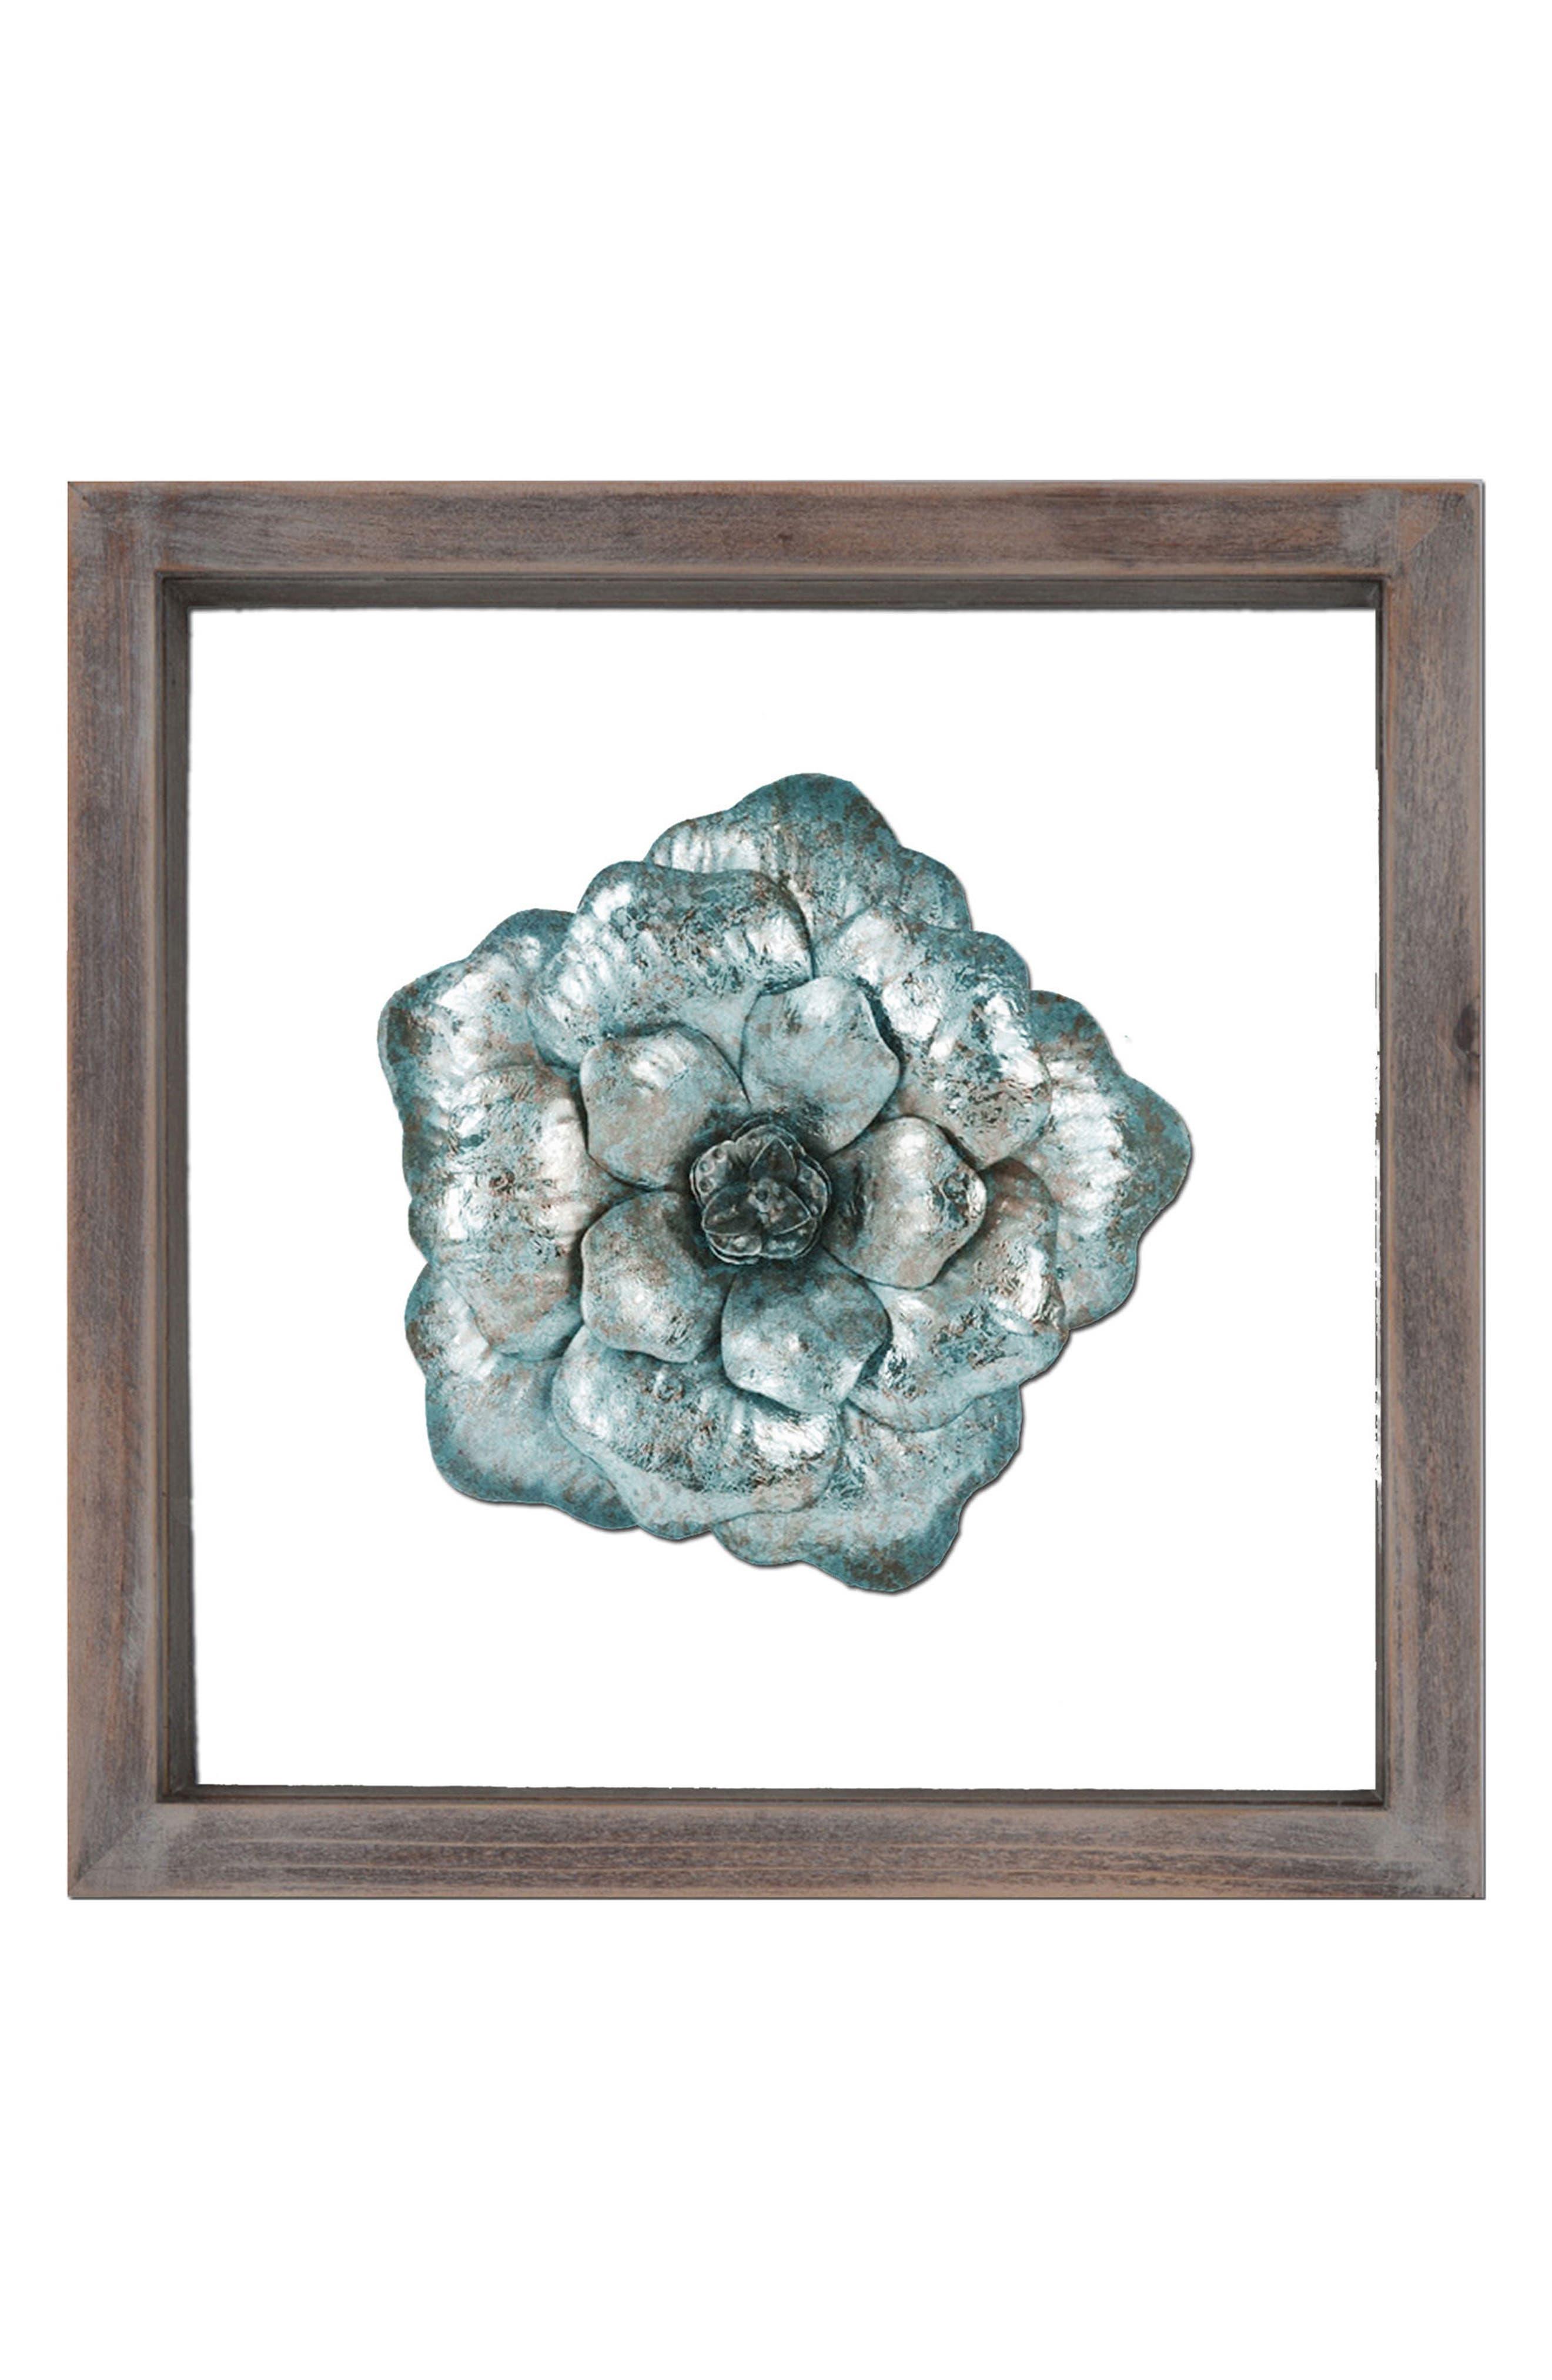 Alternate Image 1 Selected - Crystal Art Gallery Metal Flower Wall Art